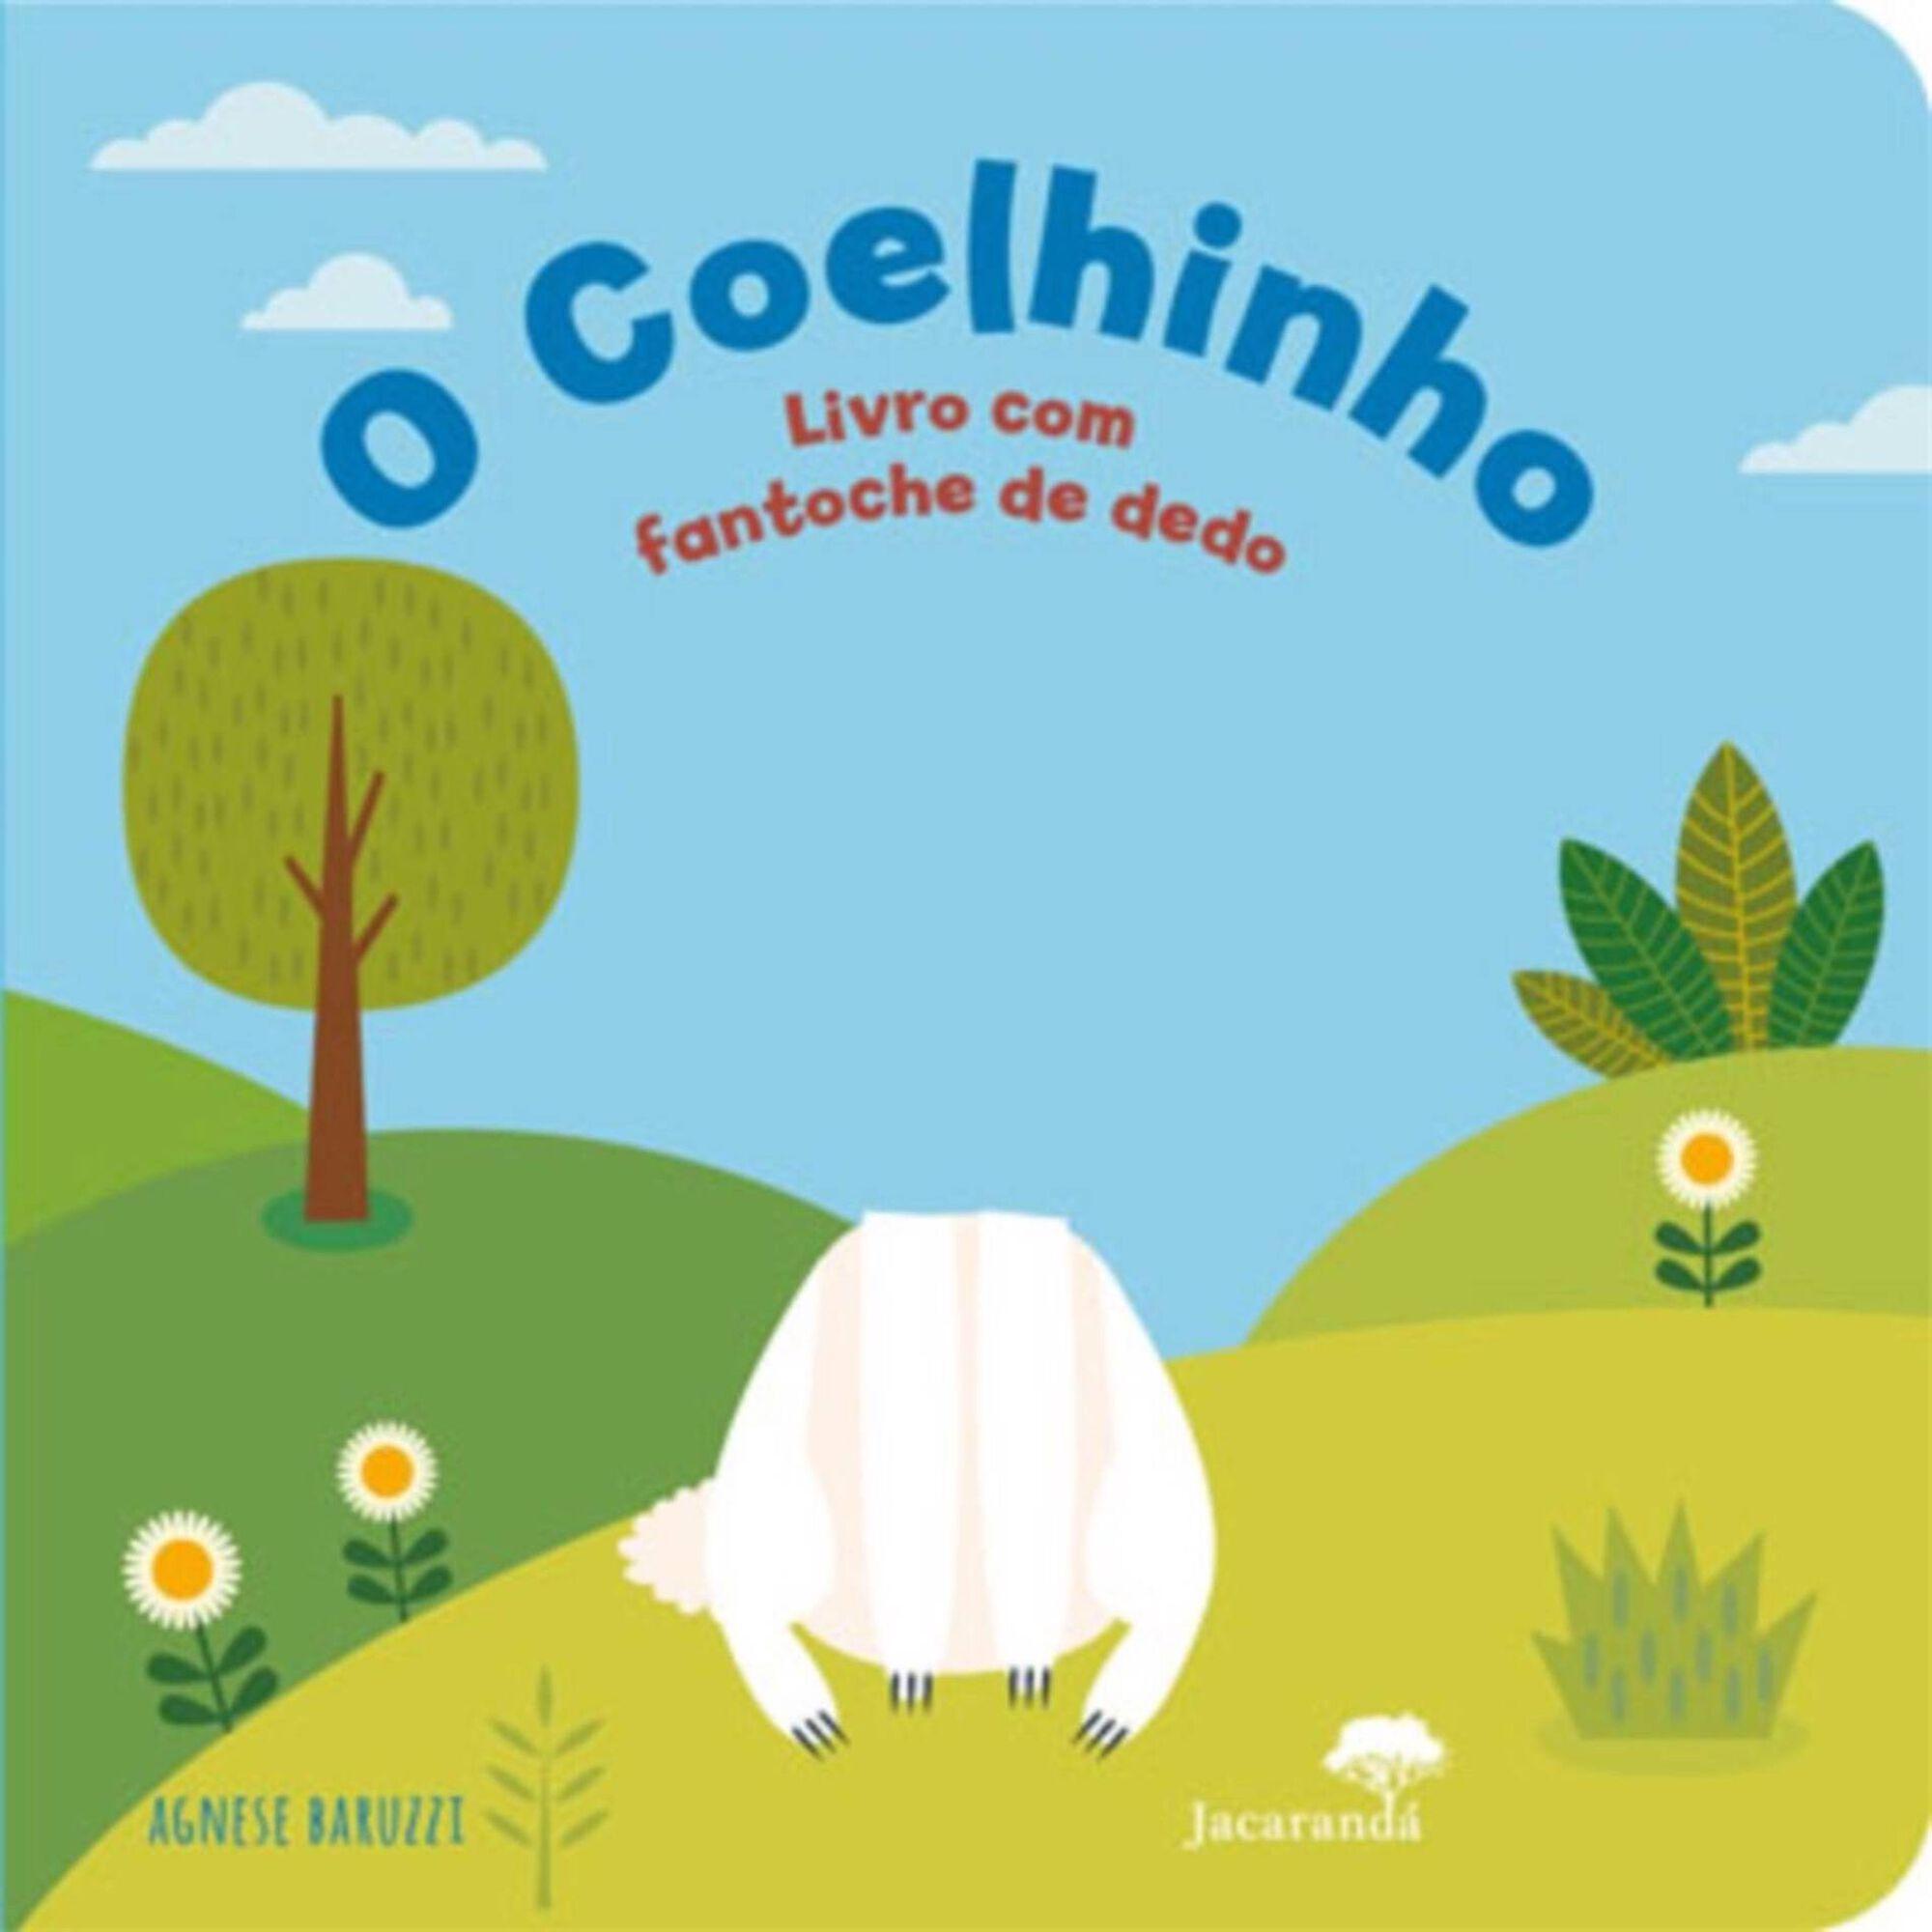 O Coelhinho - Livro com Fantoche de Dedo